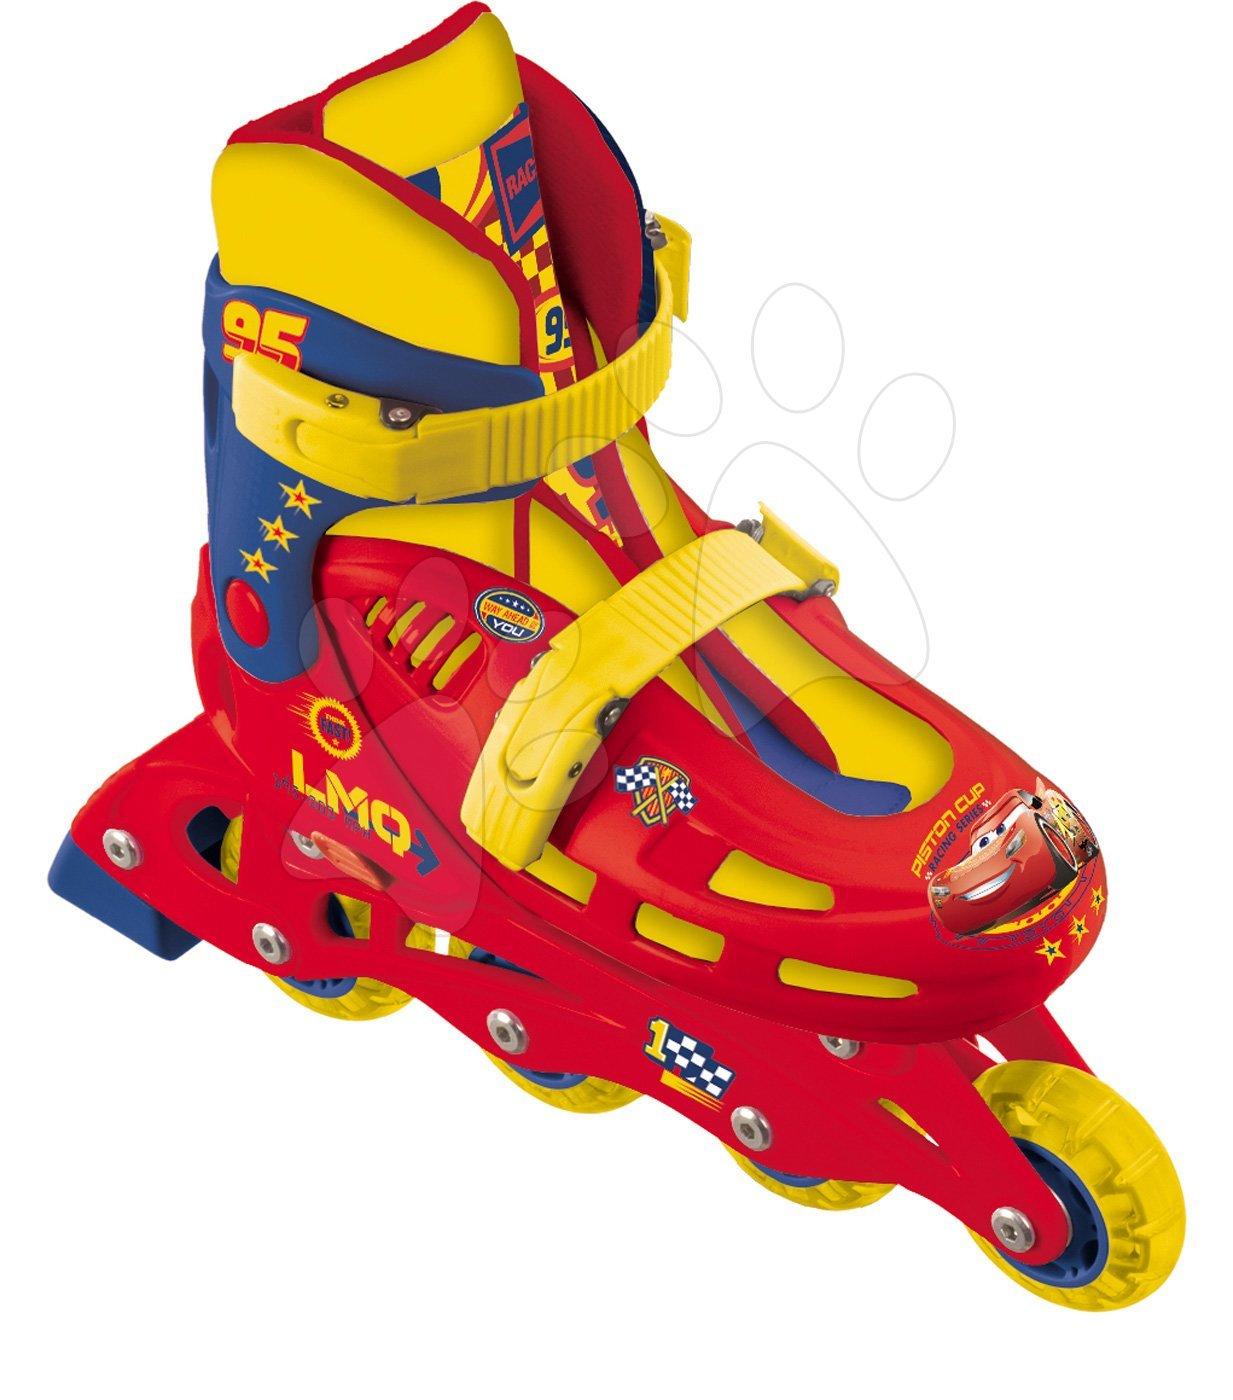 Dětské kolečkové brusle - Kolečkové brusle Auta Mondo inline velikost 33-36 od 5 let